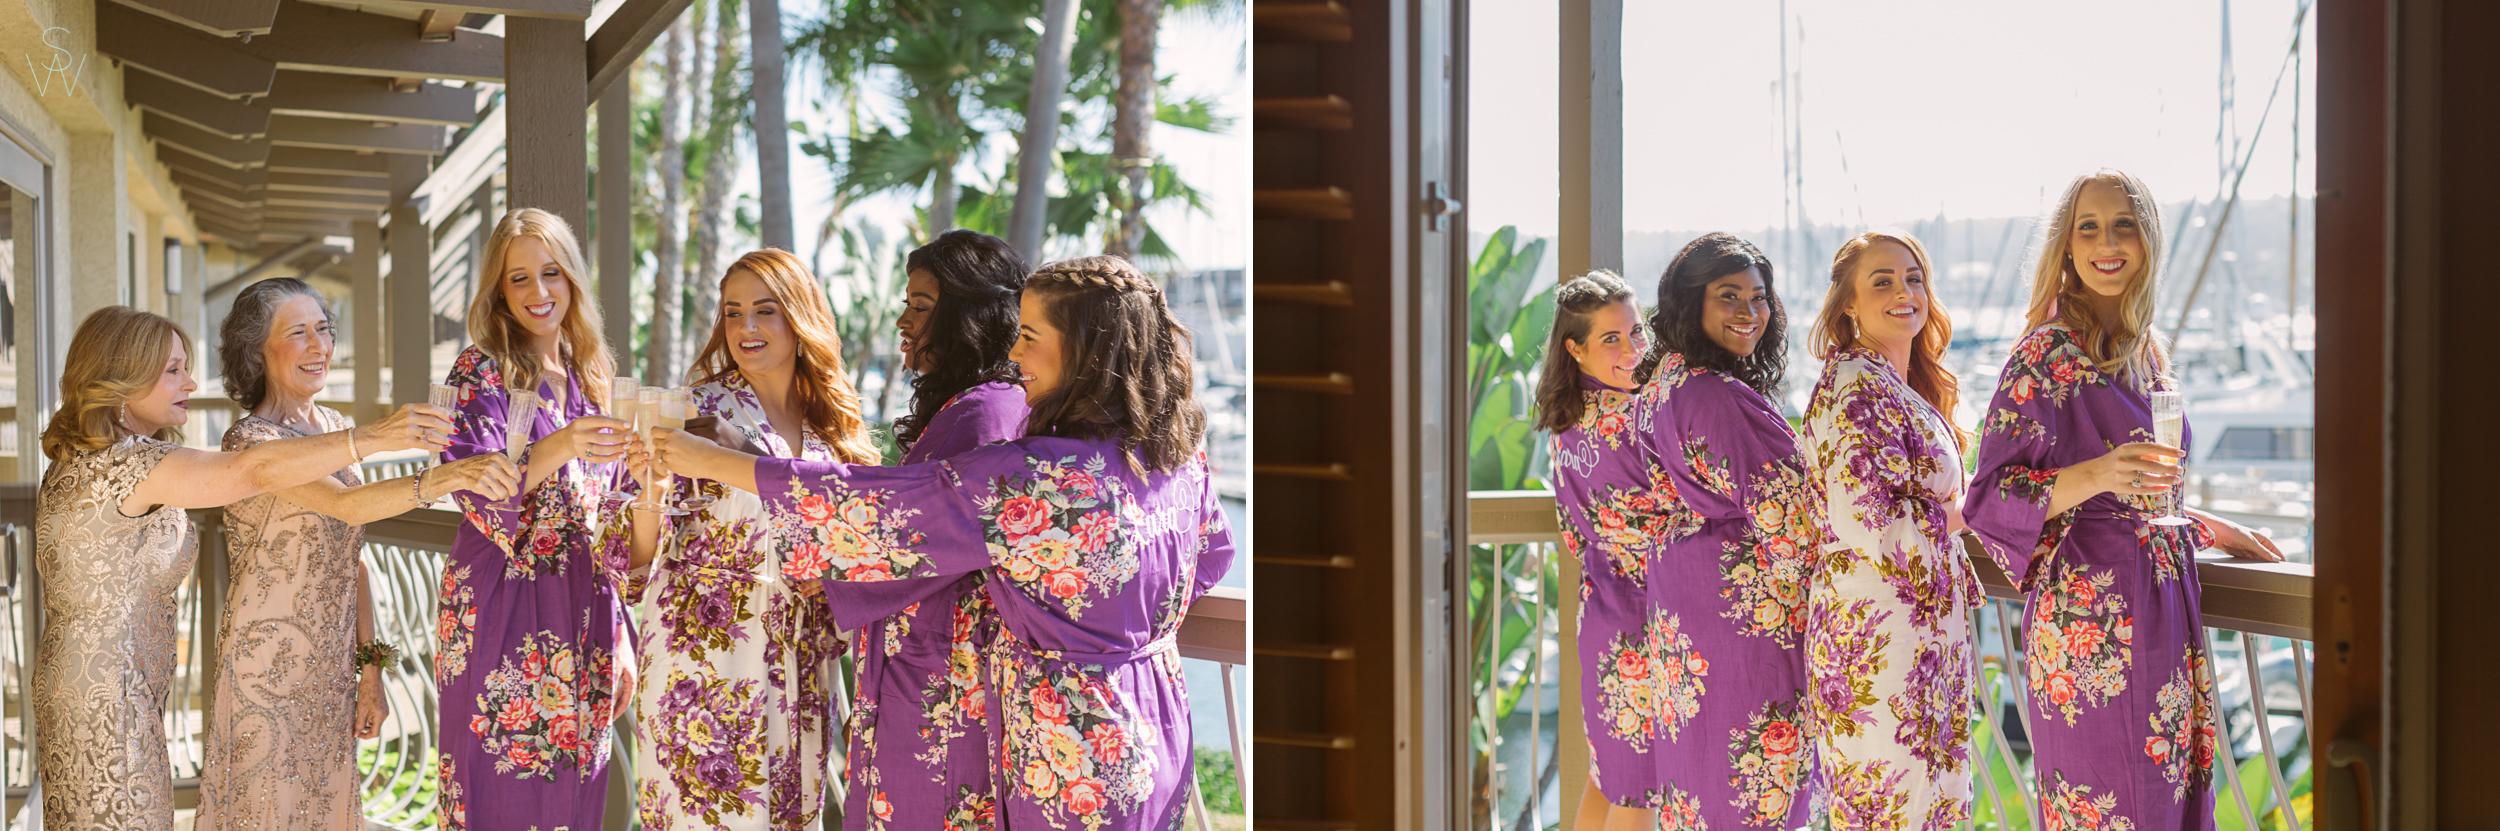 103San.diego.wedding.shewanders.photography.JPG